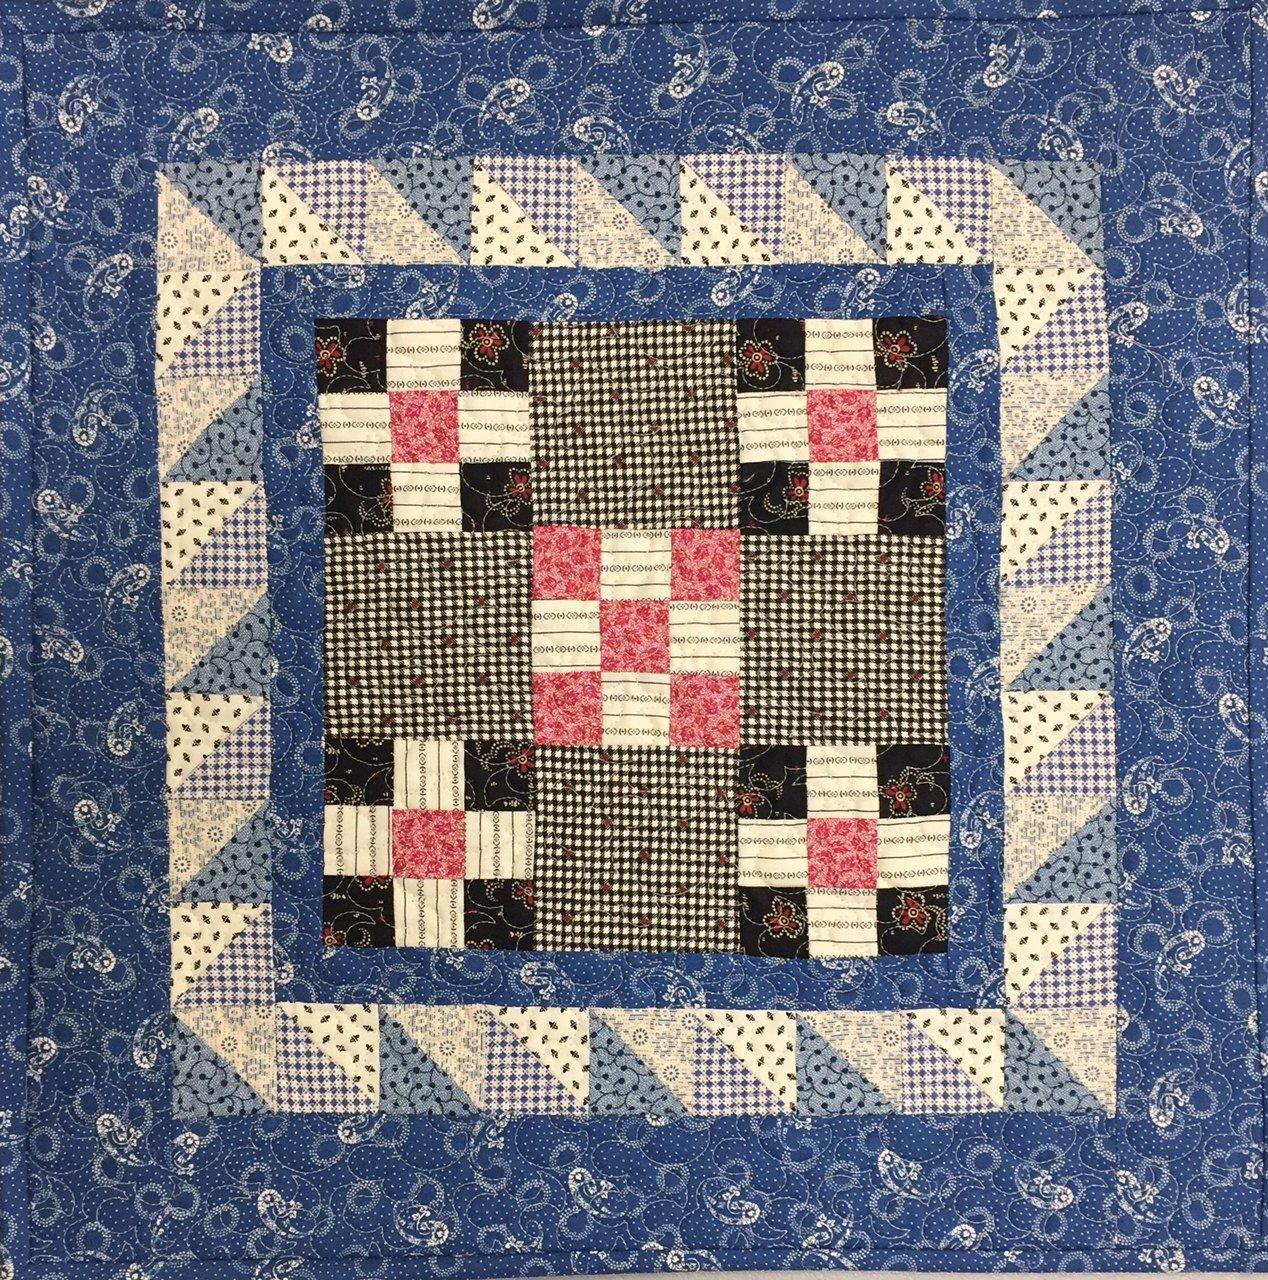 Amiel's quilt Kit